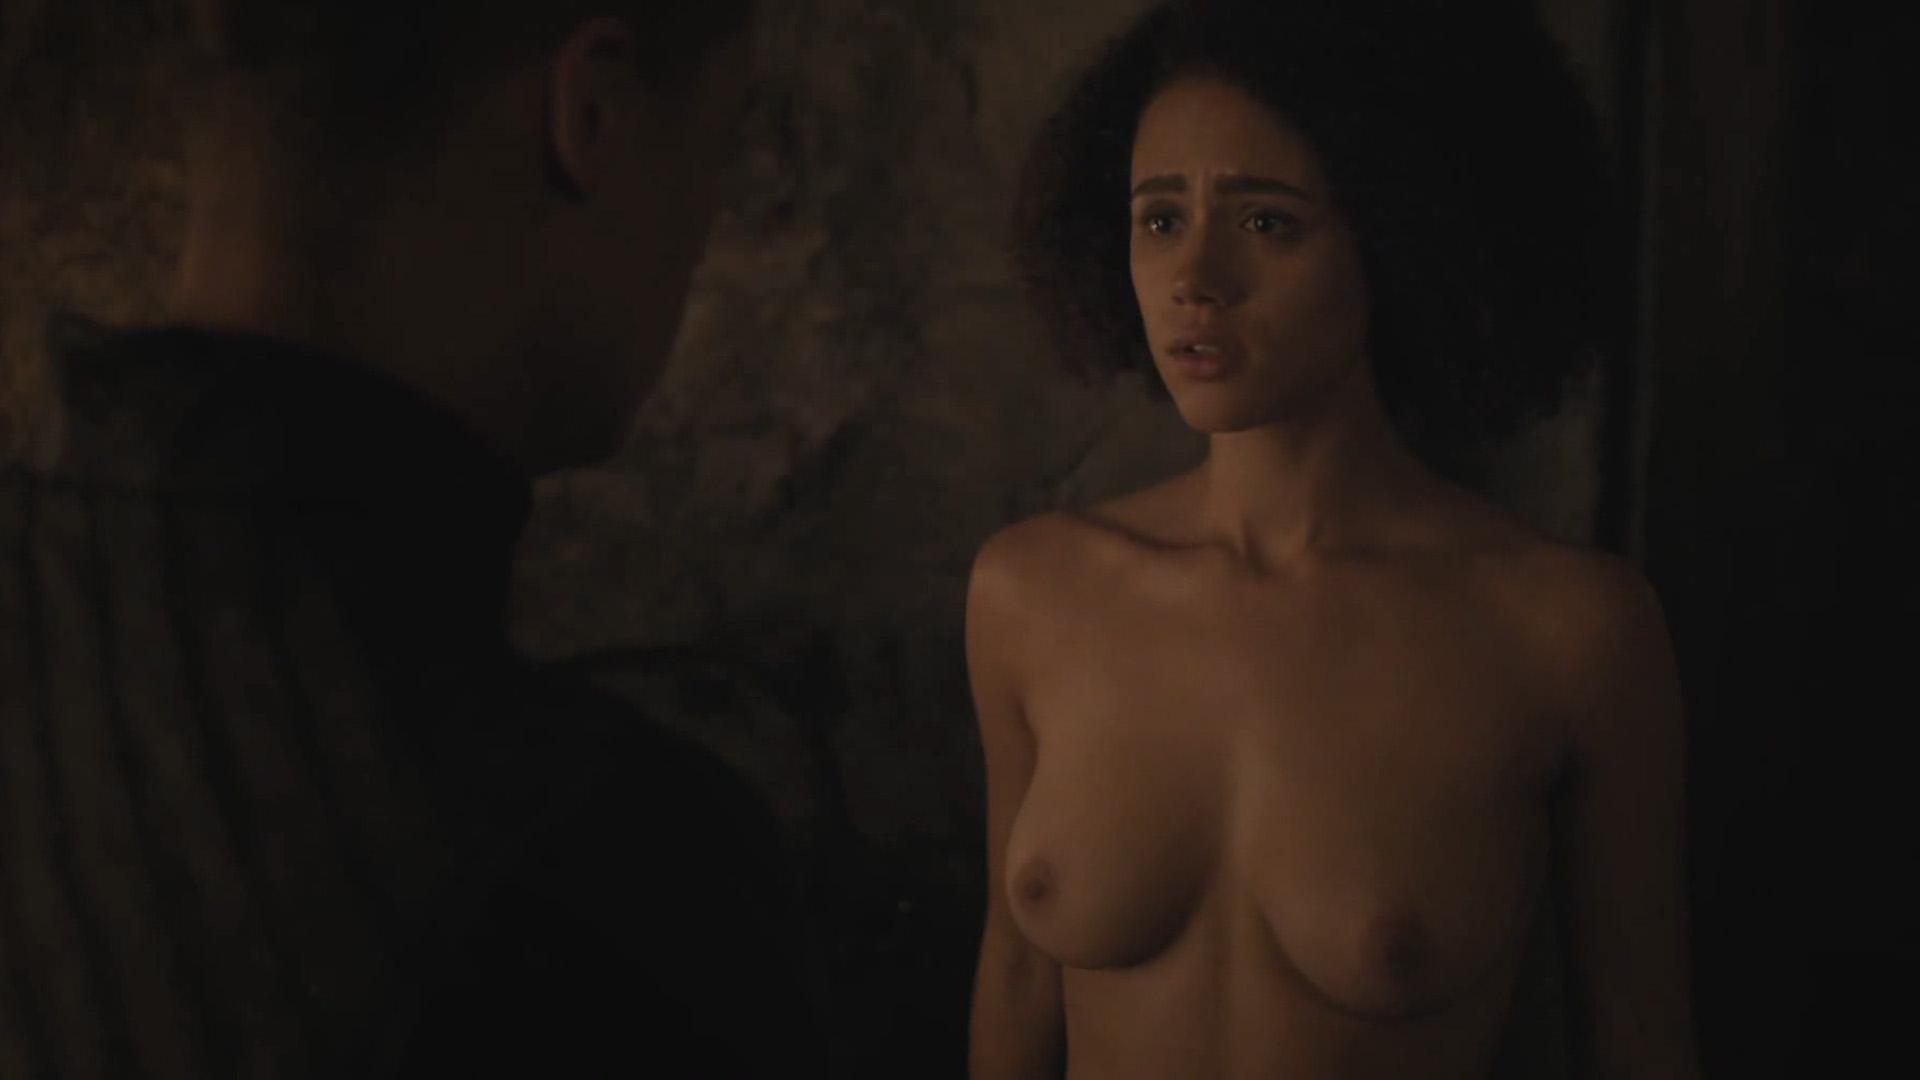 Nathalie emmanuel nude scene in game of thrones